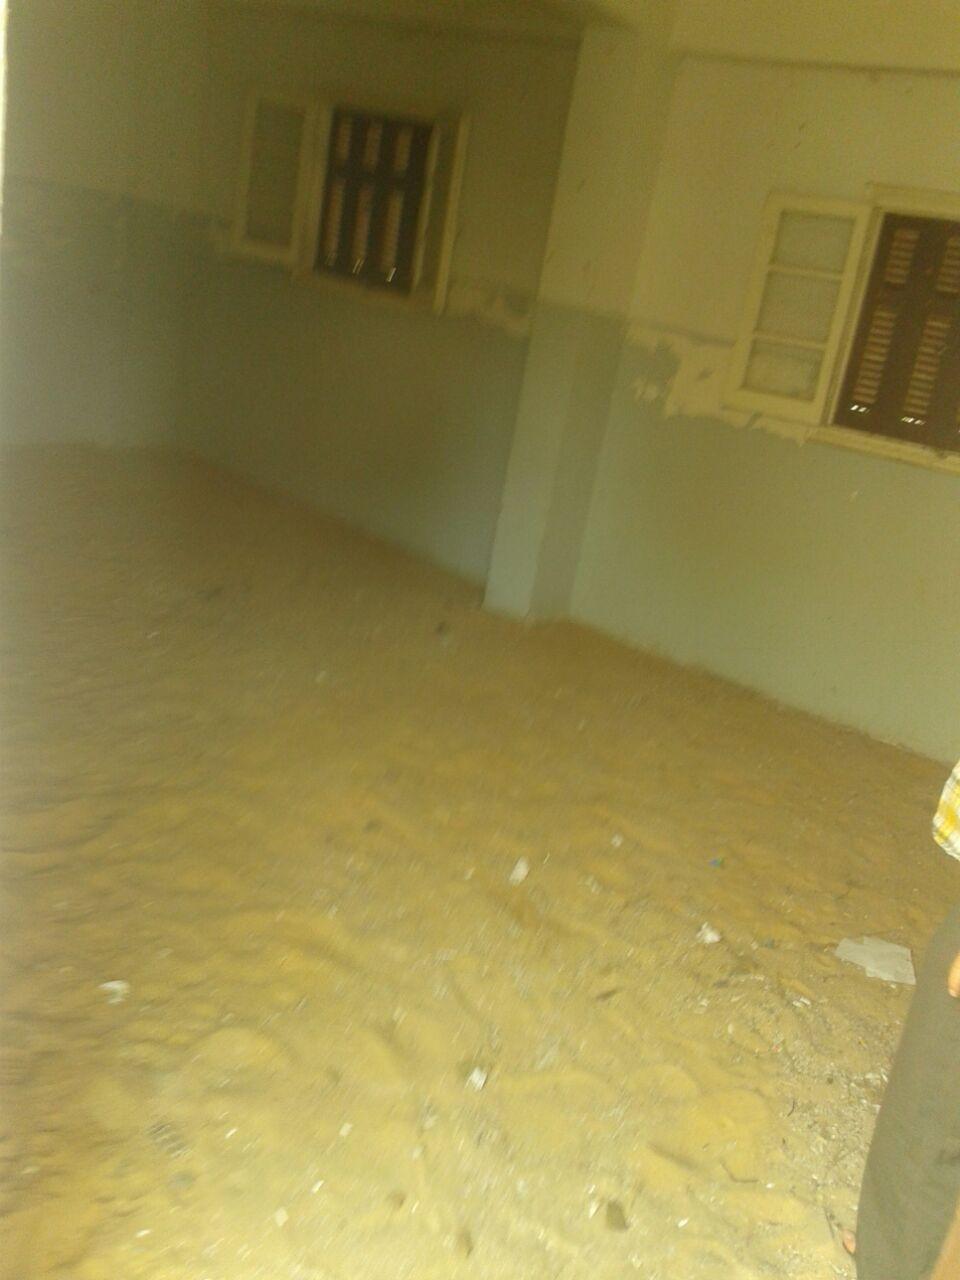 اسم على غير مُسمى.. هذا حال مركز شباب كفر السودان «المطور» بكفر الشيخ (صور)